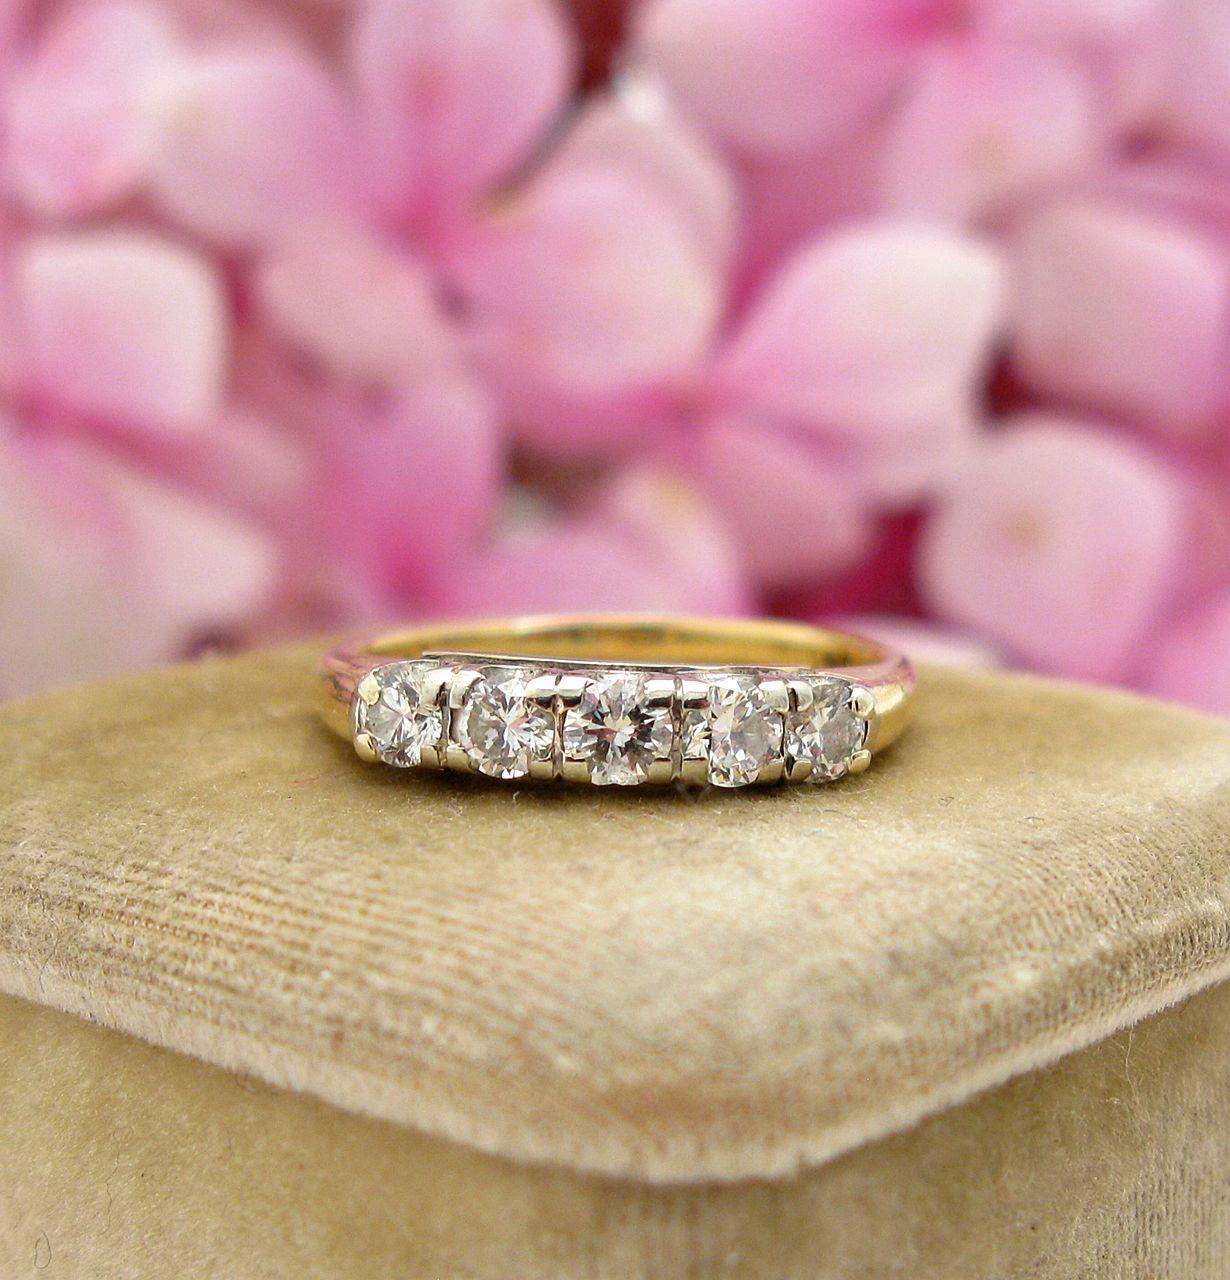 Vintage Diamond Wedding, Stacking Band .44 cwt | Art deco era, Gold ...